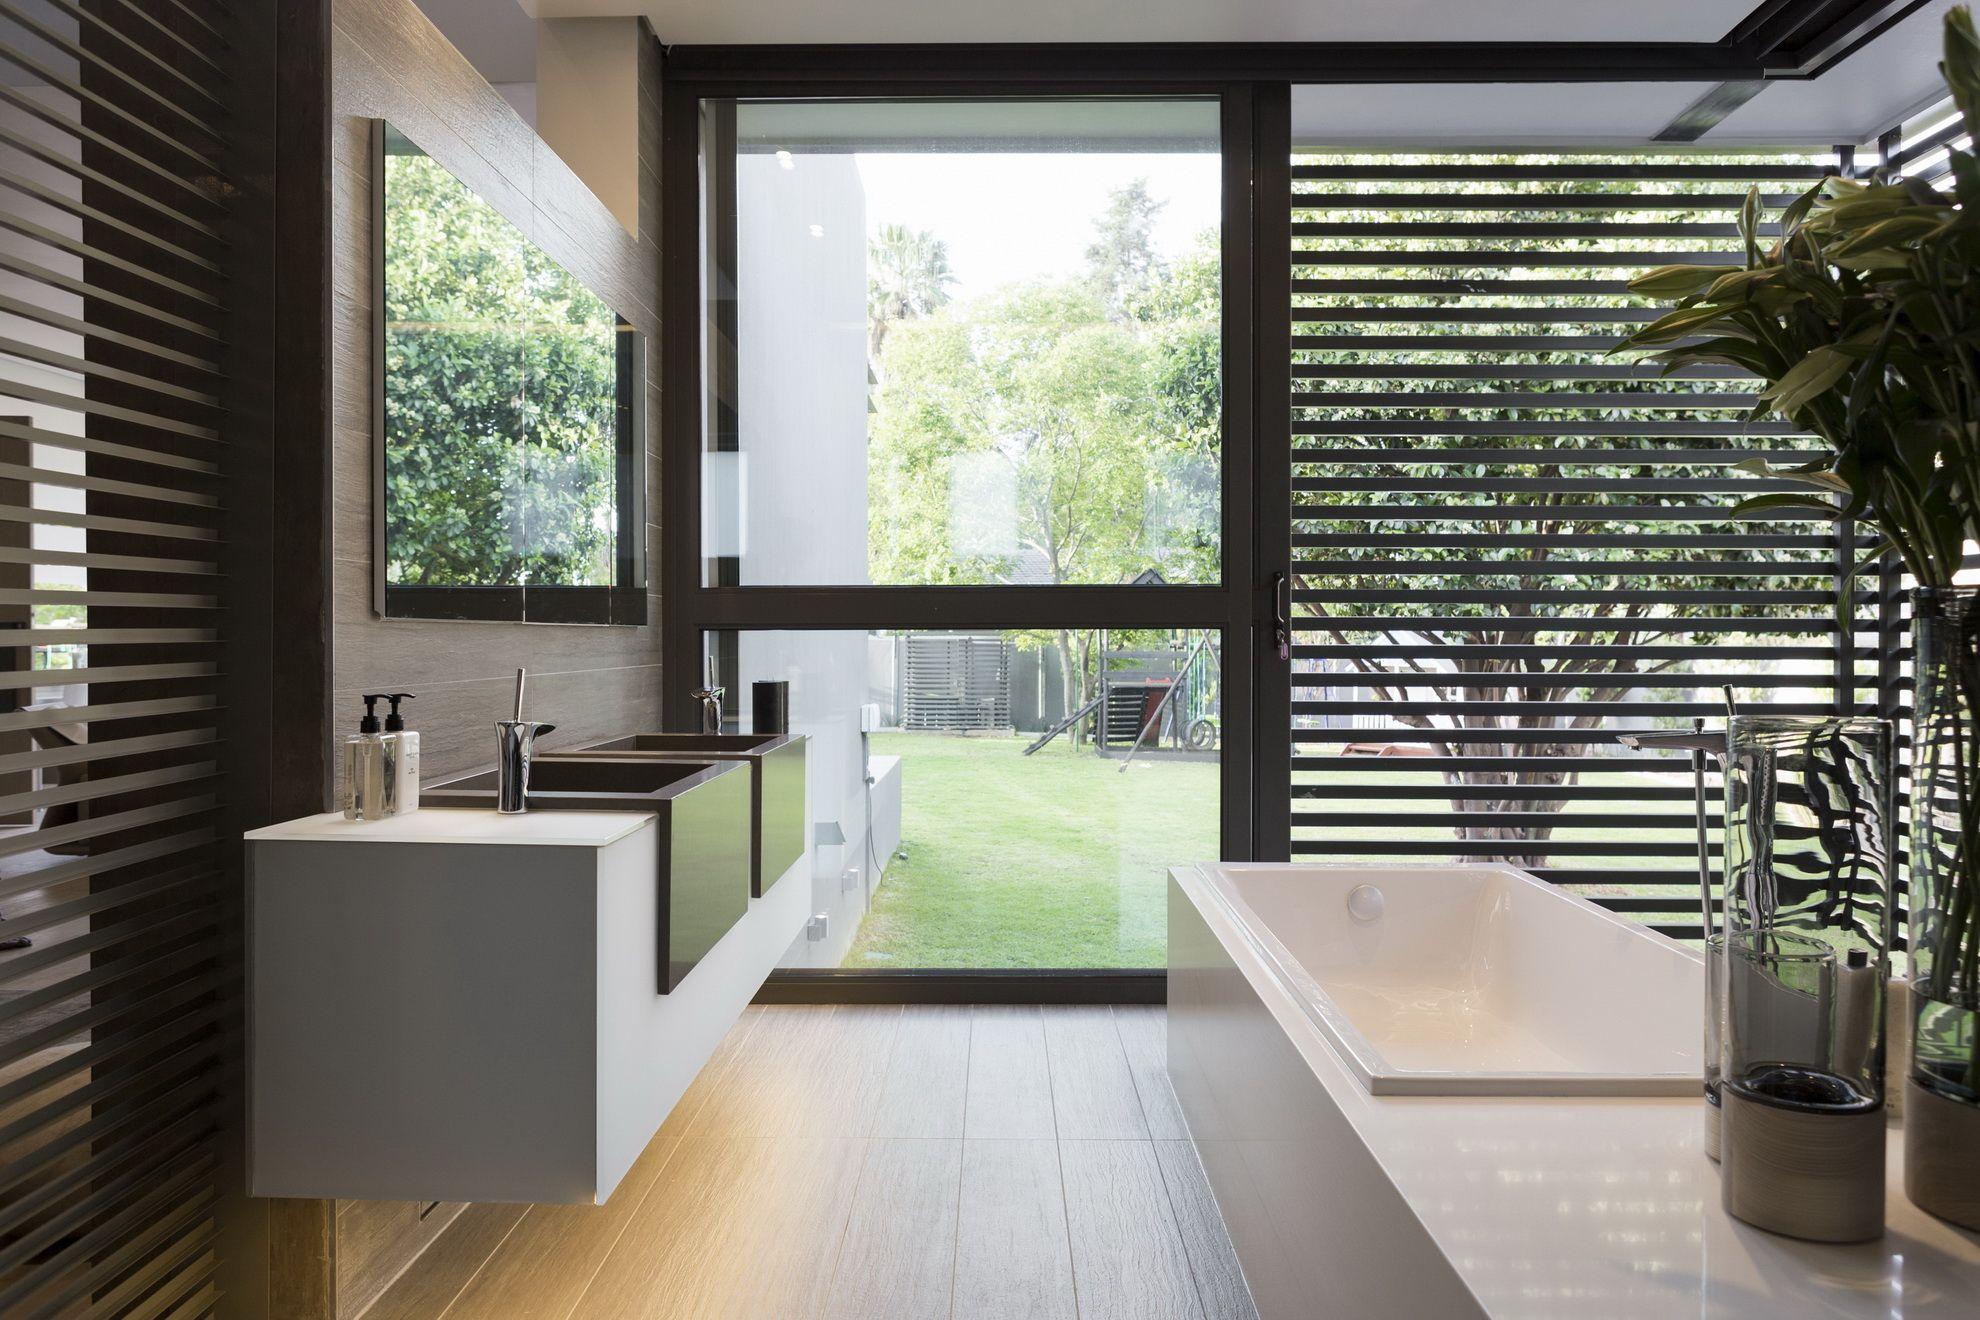 House Sar   Bathroom   M Square Lifestyle Design #Design #Interior #Contemporary #Decor